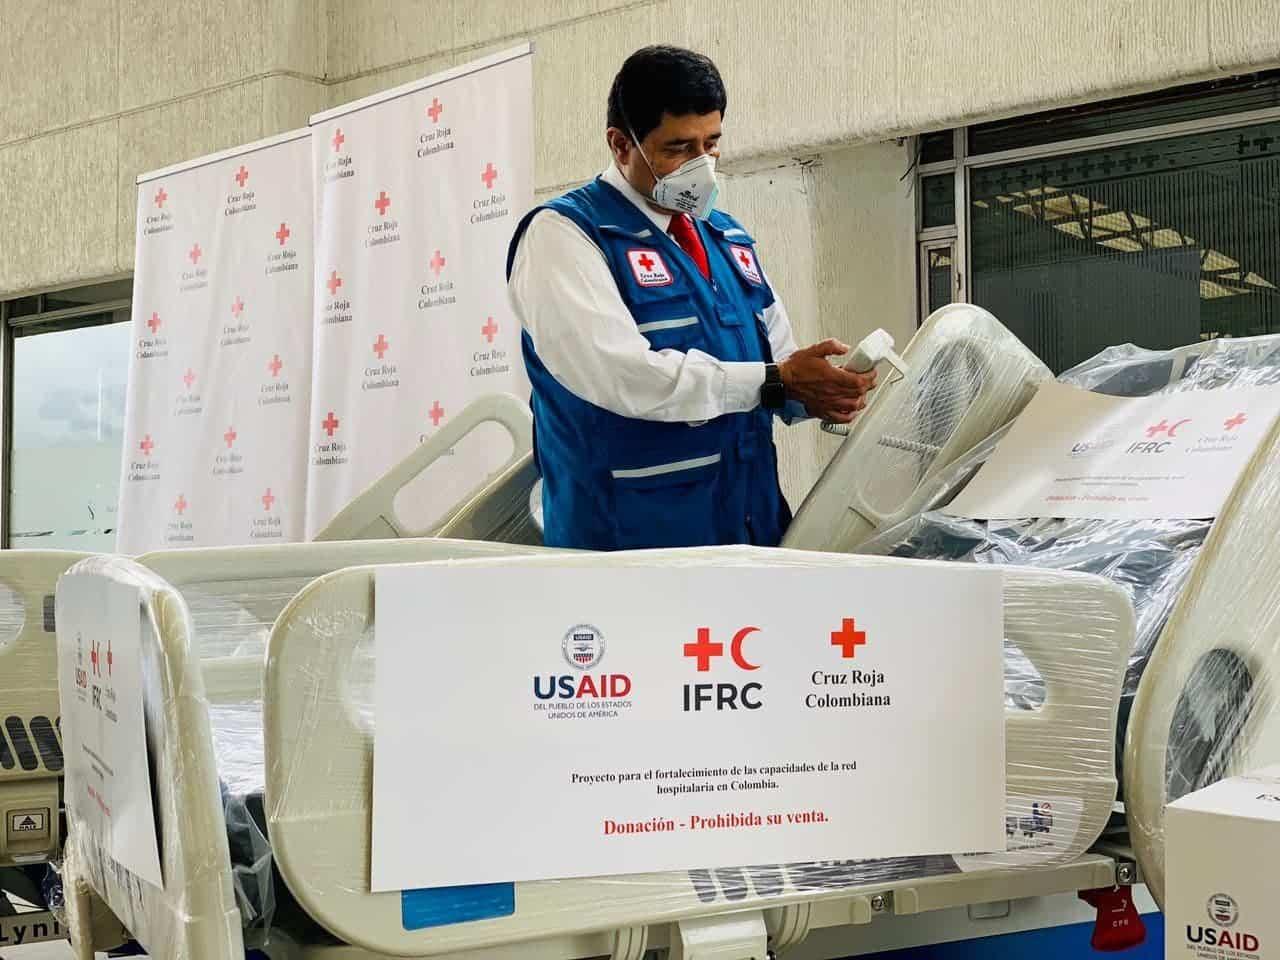 Más de 108 equipos médicos entregará la Cruz Roja Colombiana a la red hospitalaria de Boyacá 1